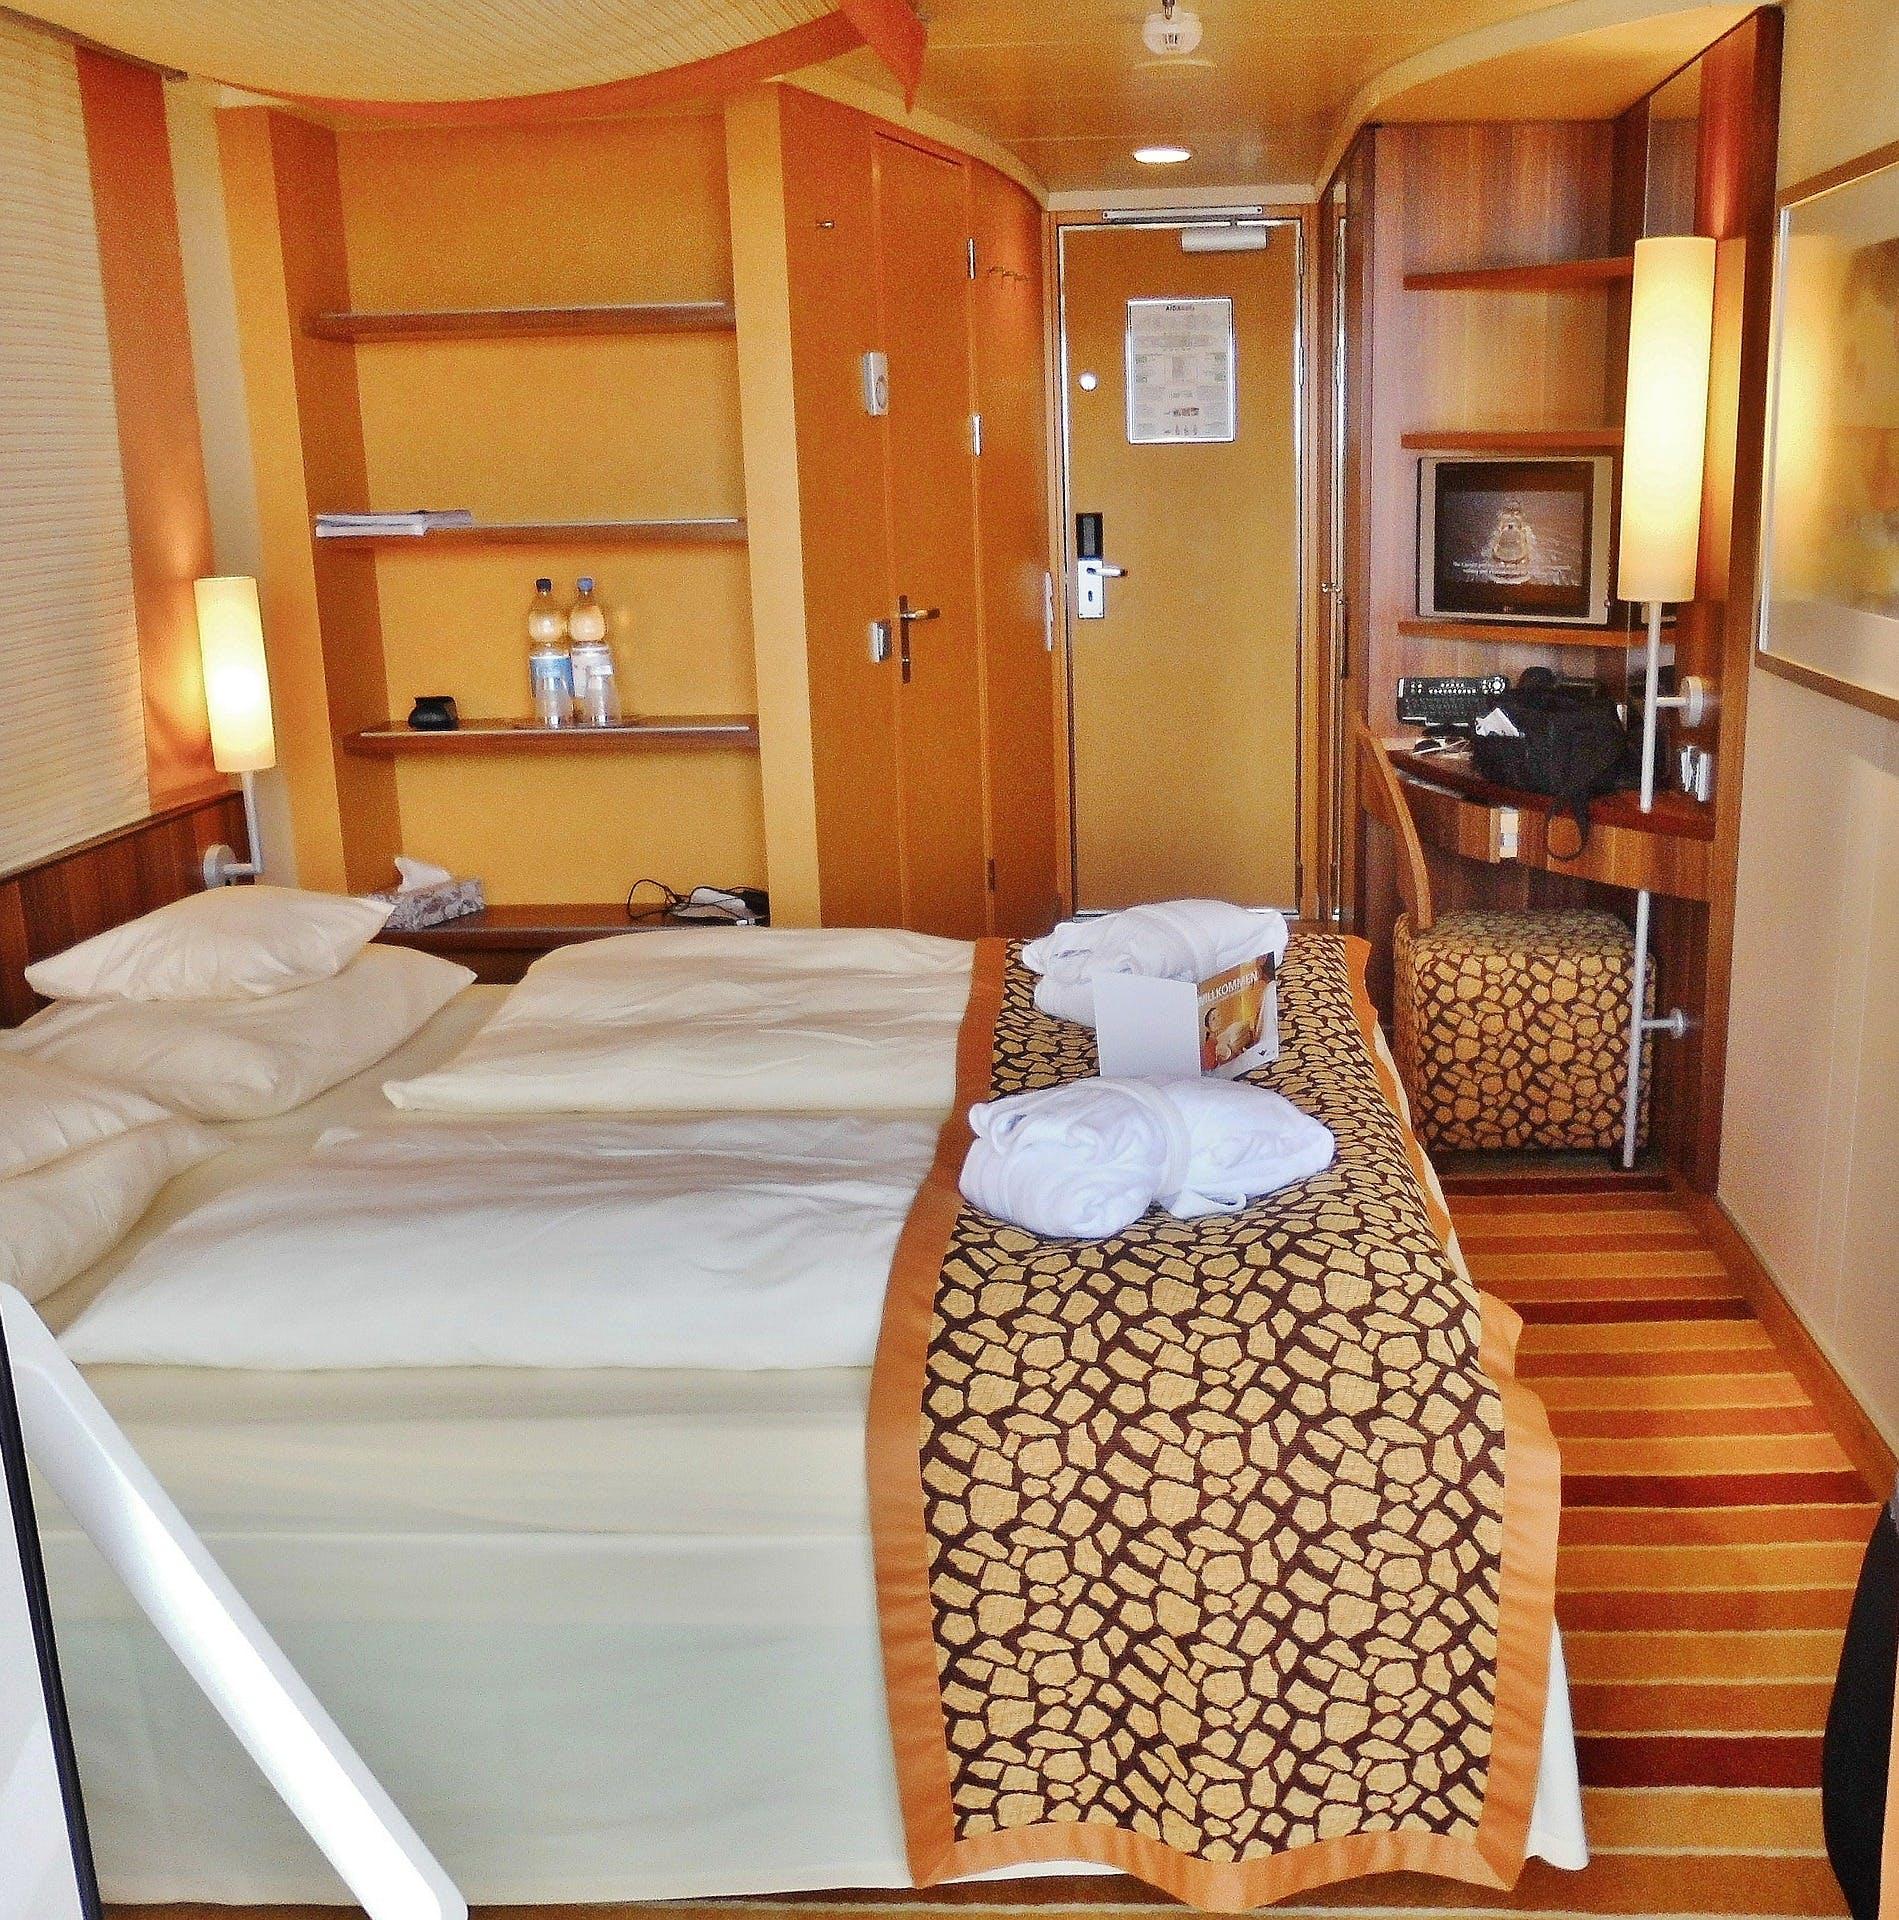 cabine interna de um navio de cruzeiro, com cama e armários